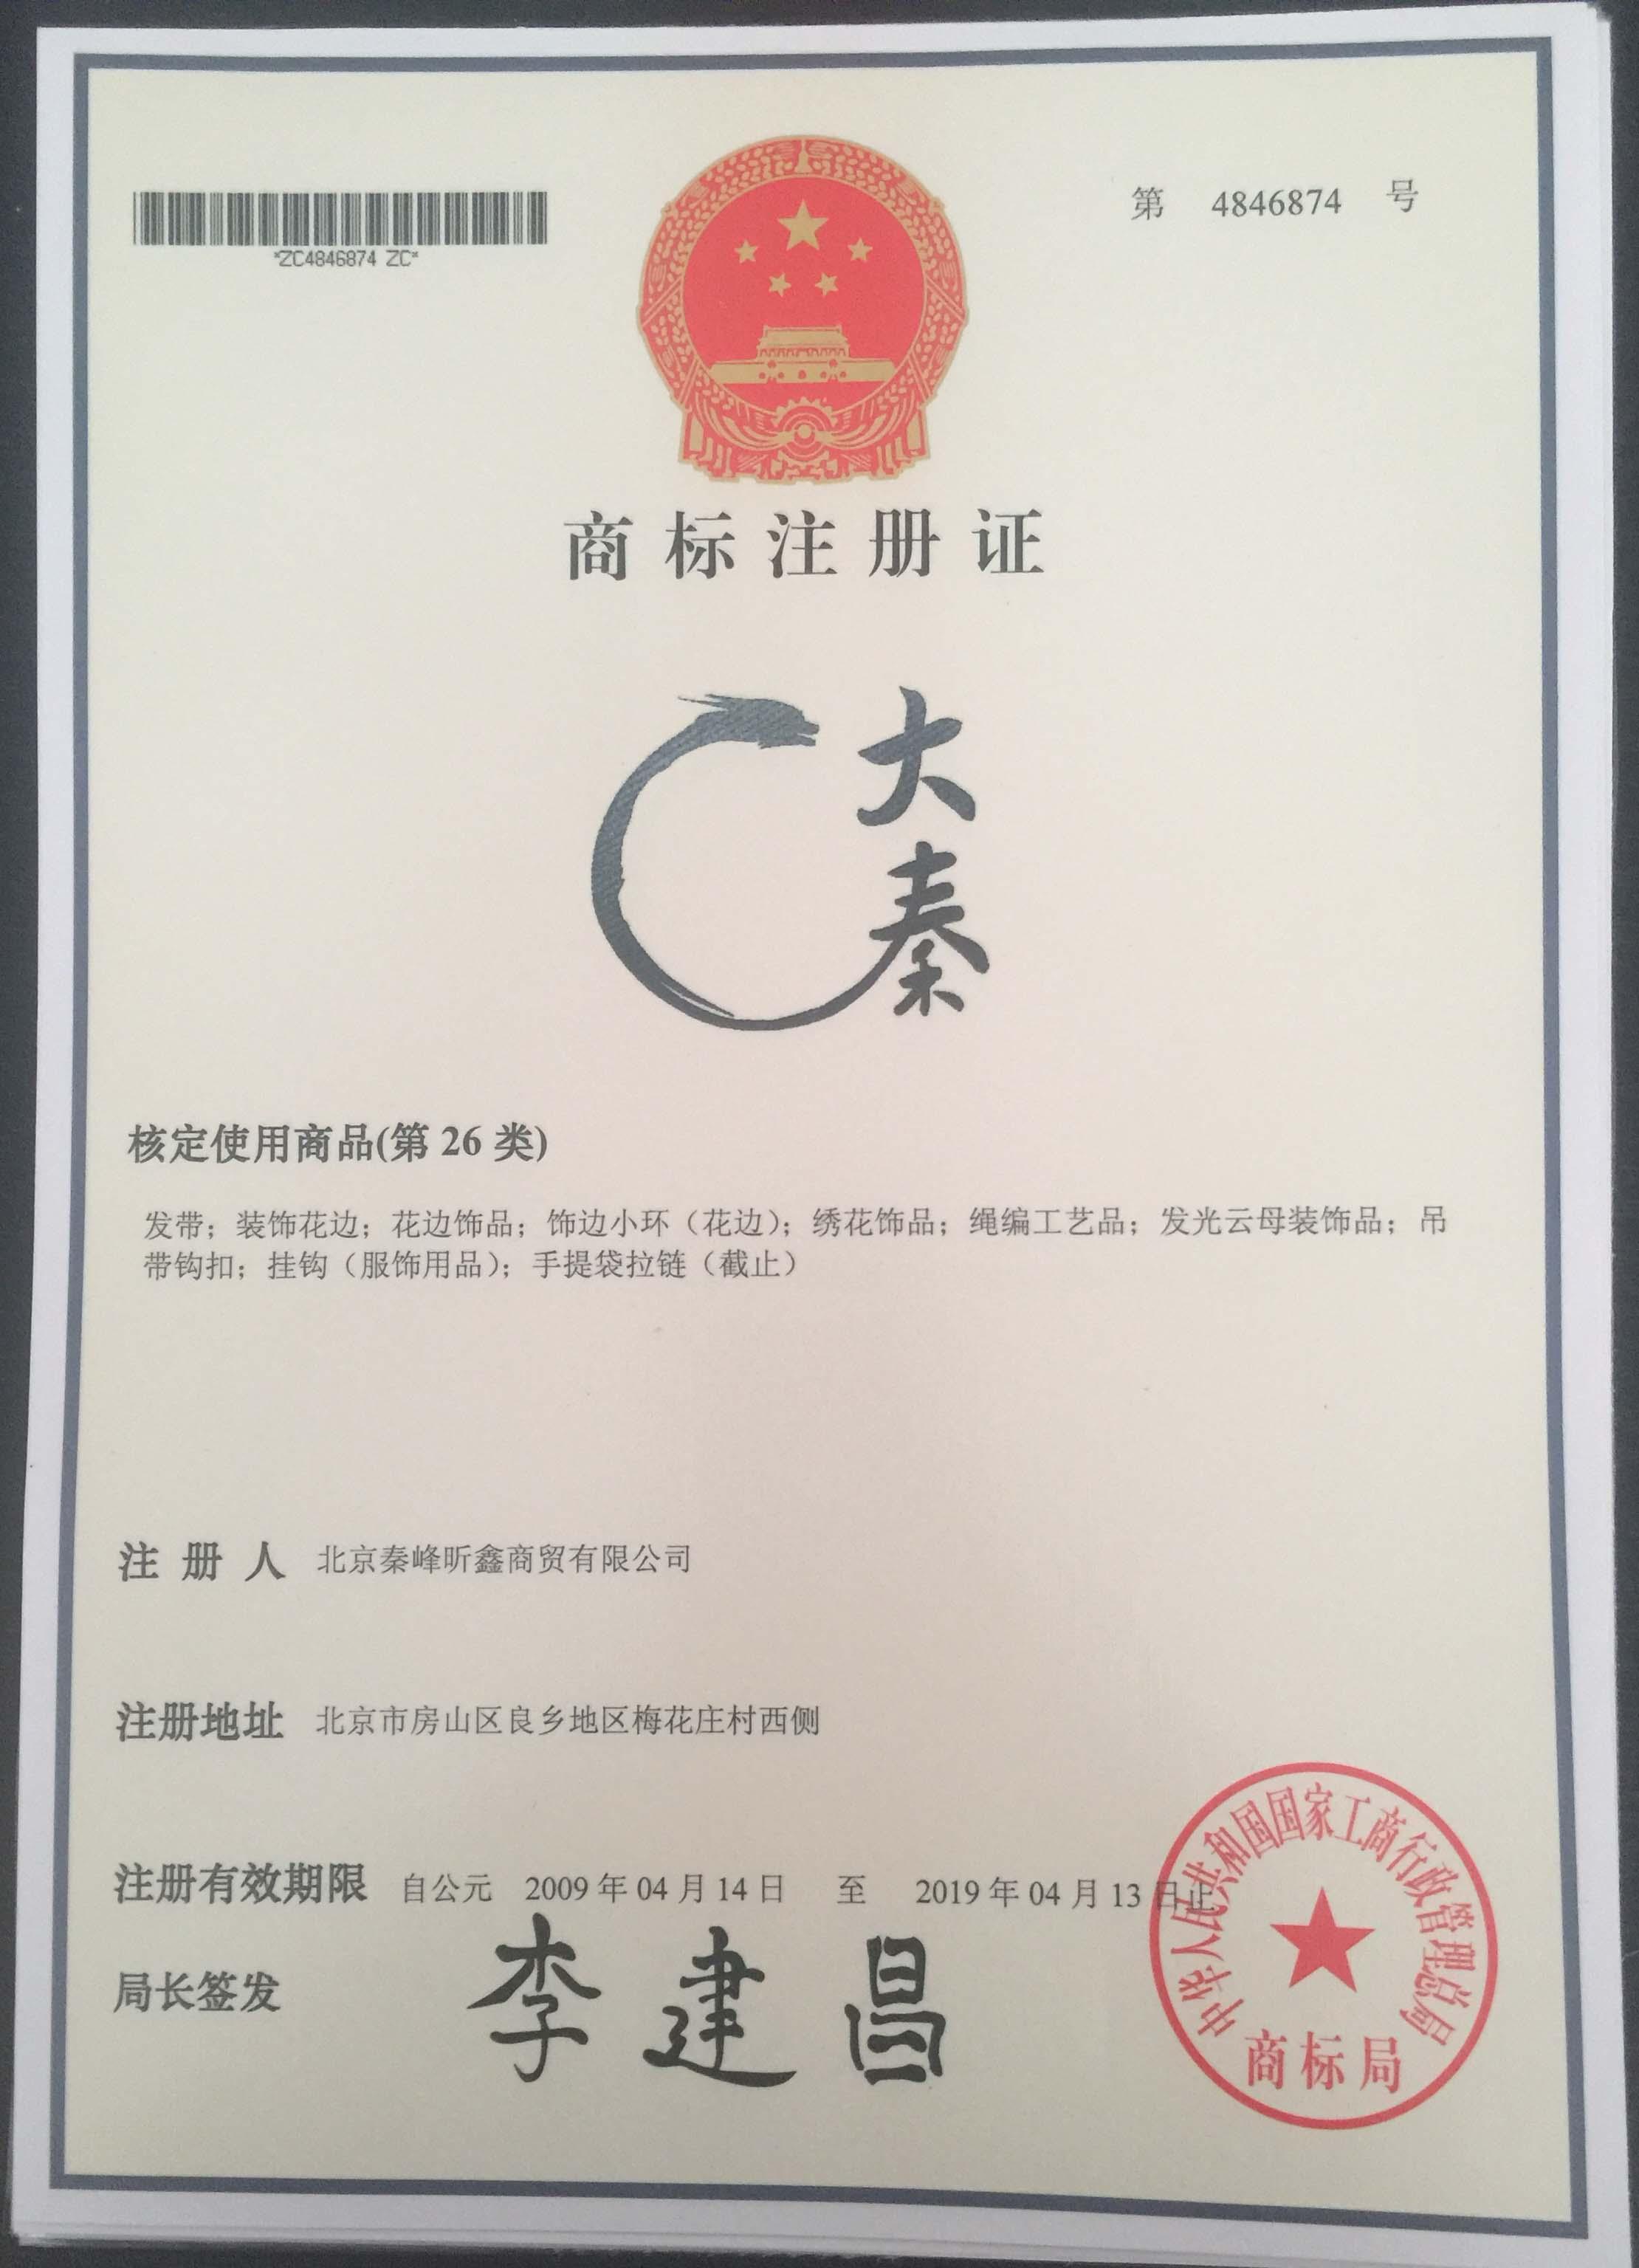 大秦 26类商标注册证